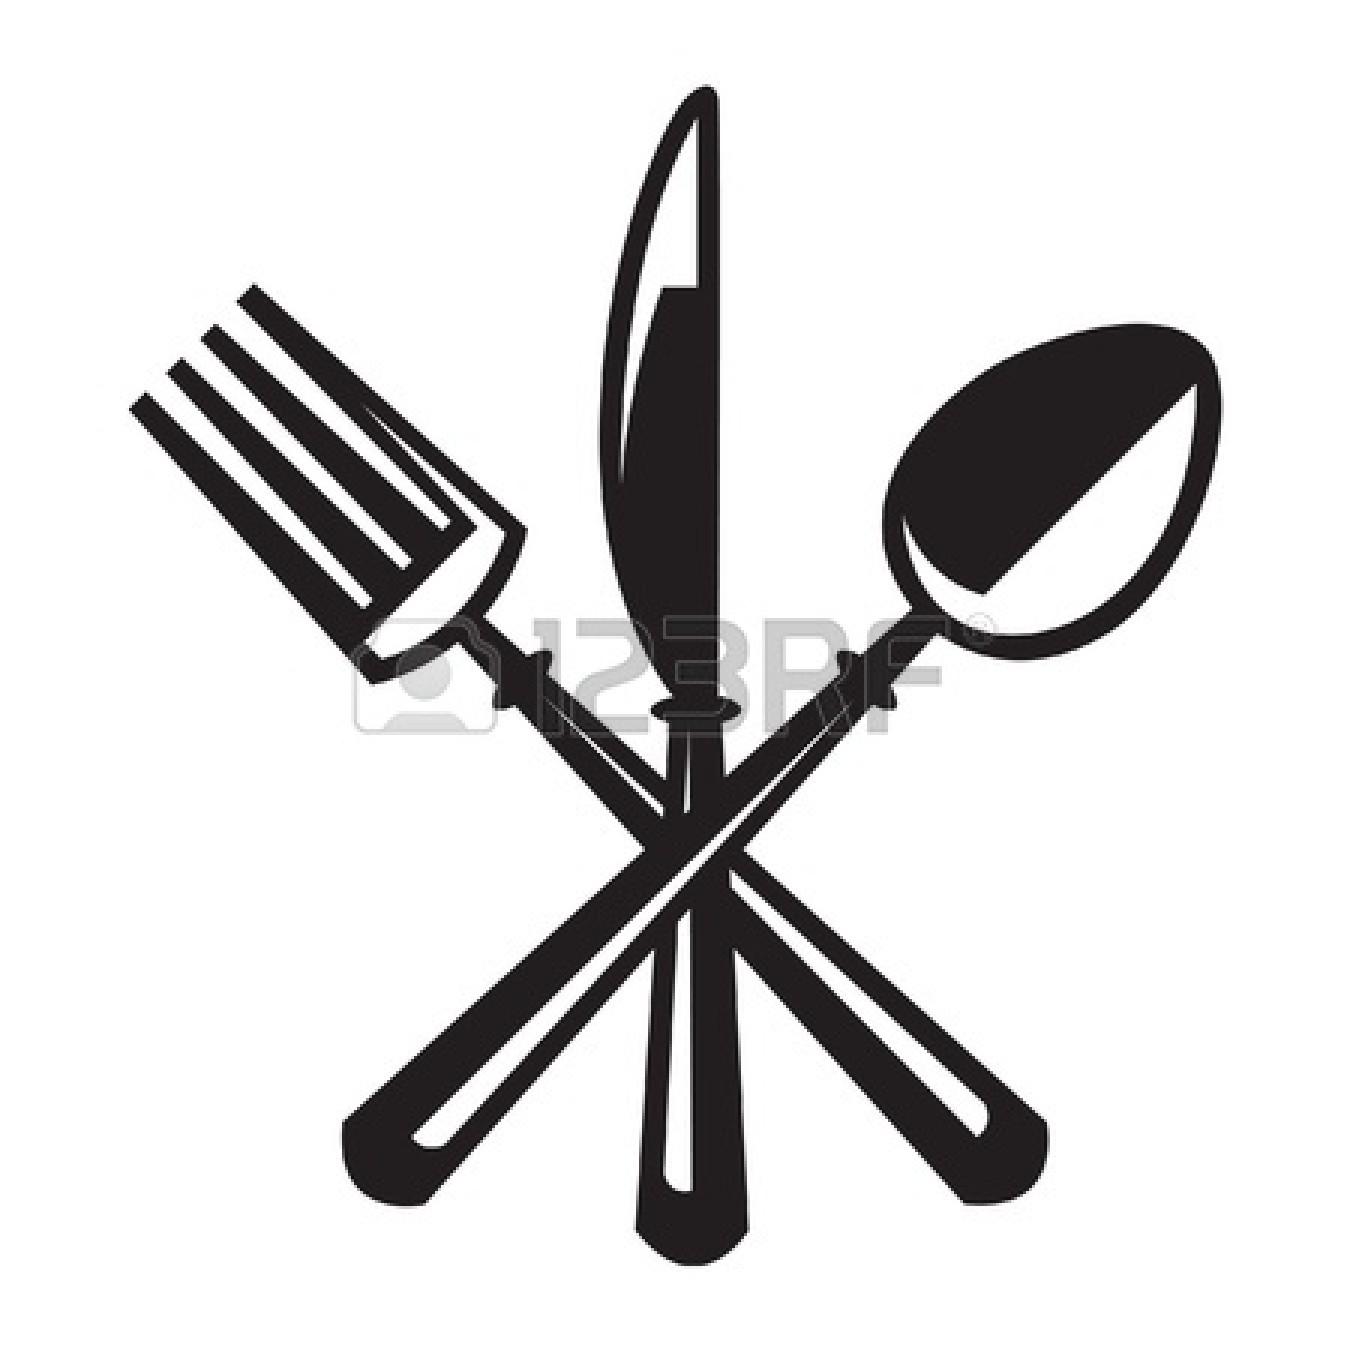 Khife clipart spoon Svg Art Fork Knife S